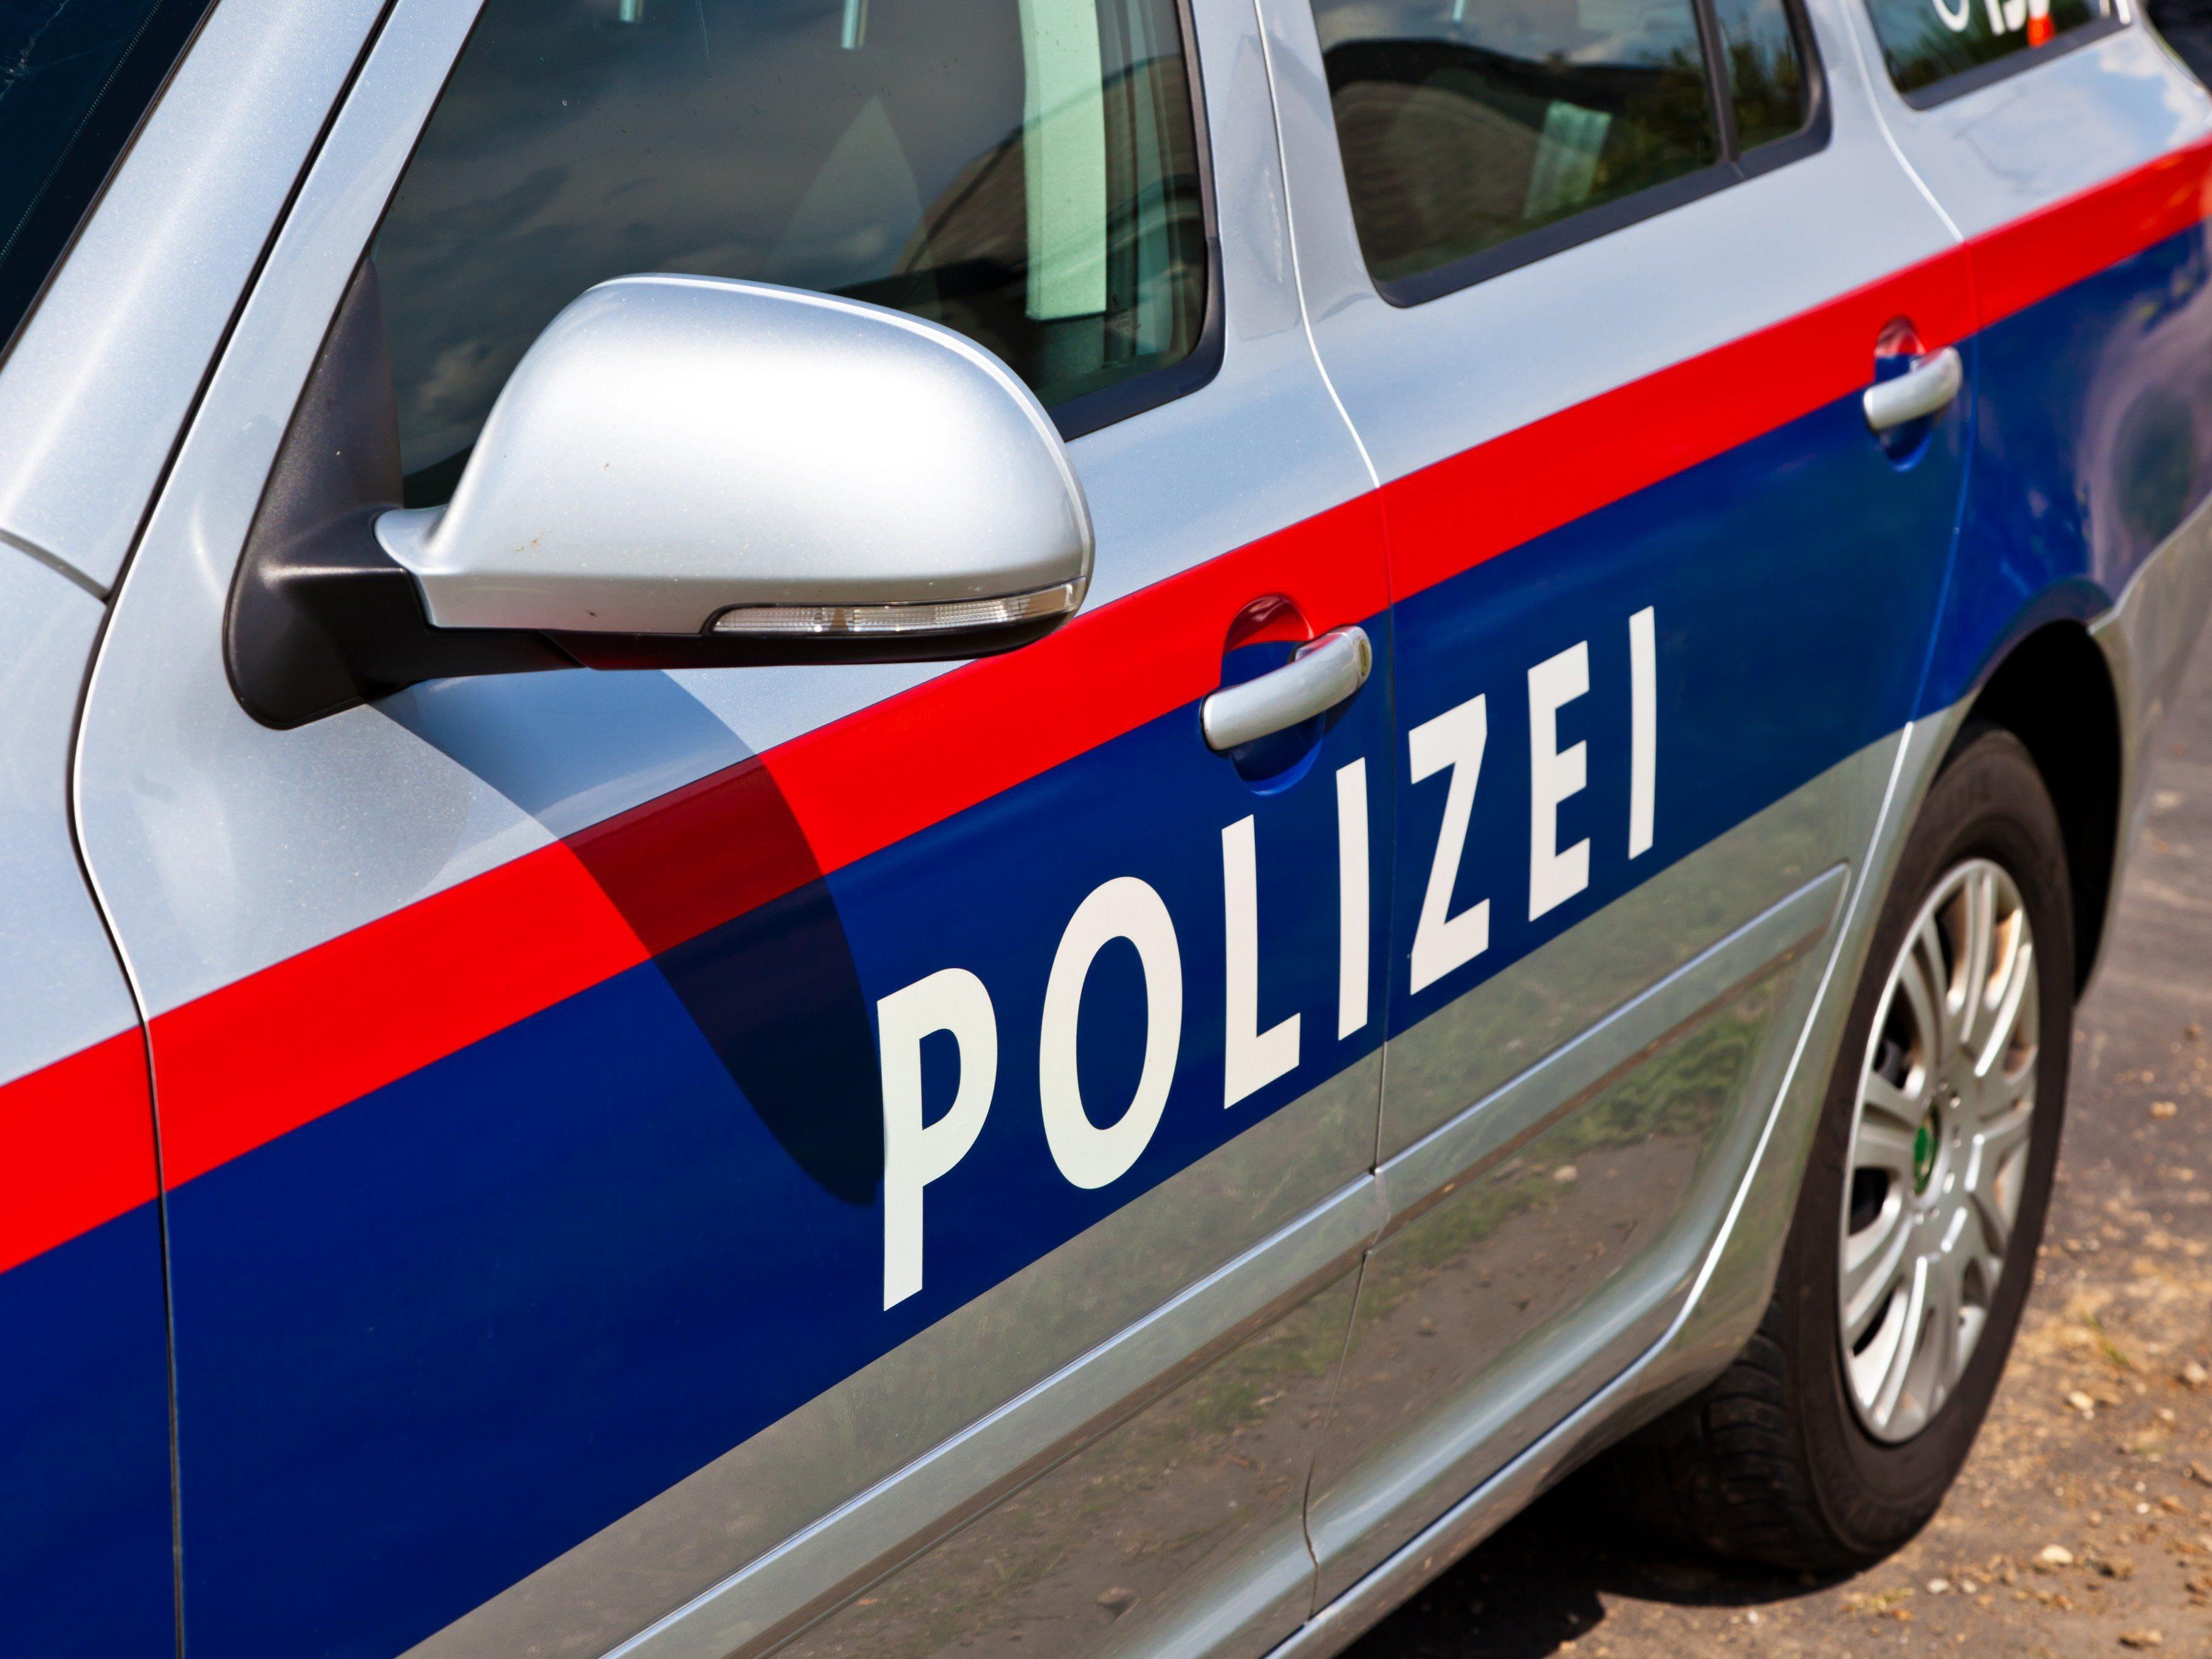 Die Polizei sucht nach dem bisher unbekannten Täter.